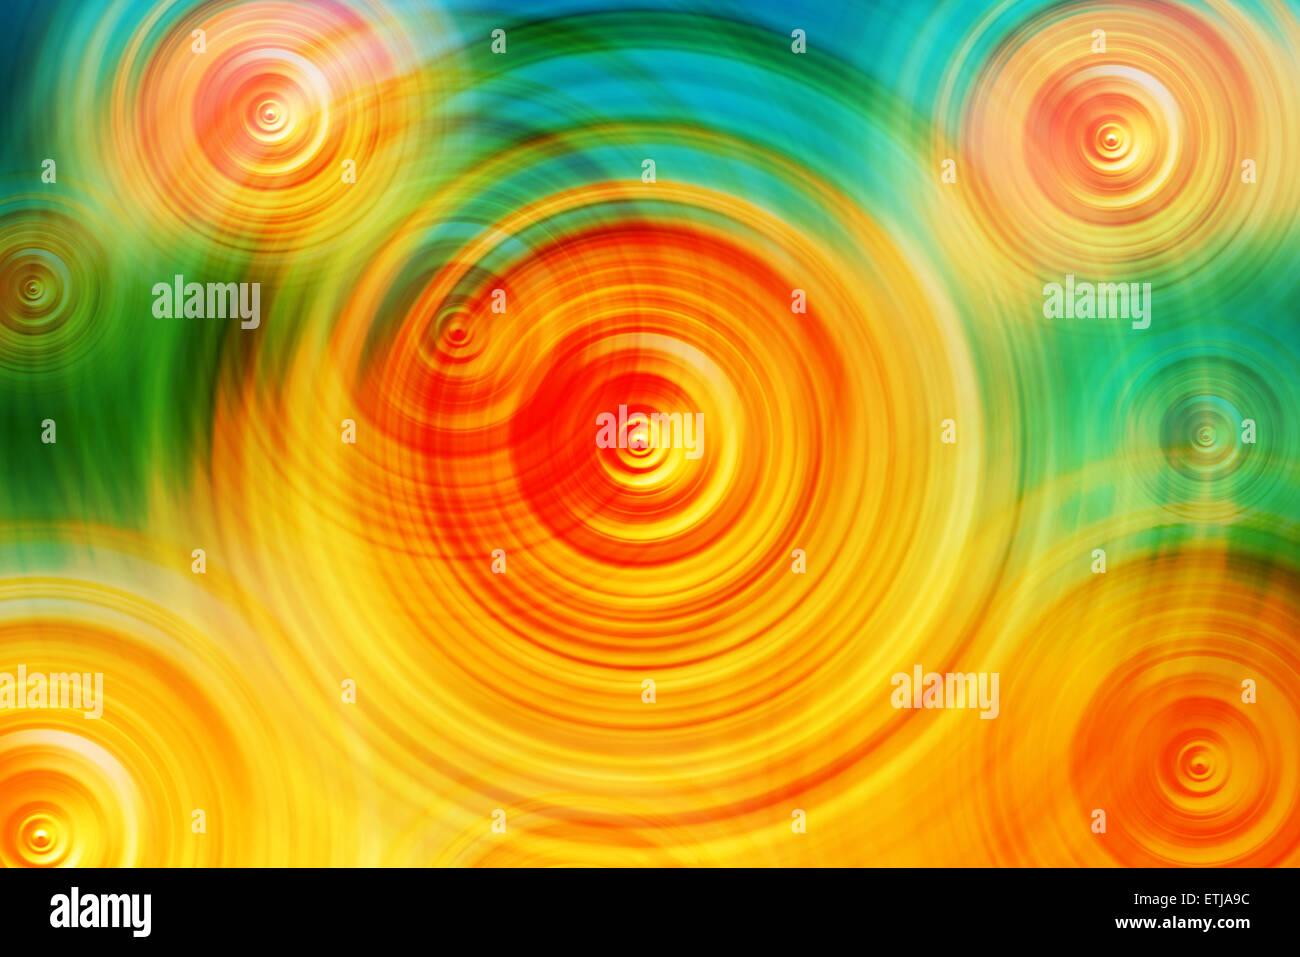 Résumé Arrière-plan flou radial coloré, de cercles concentriques, que l'énergie des Photo Stock